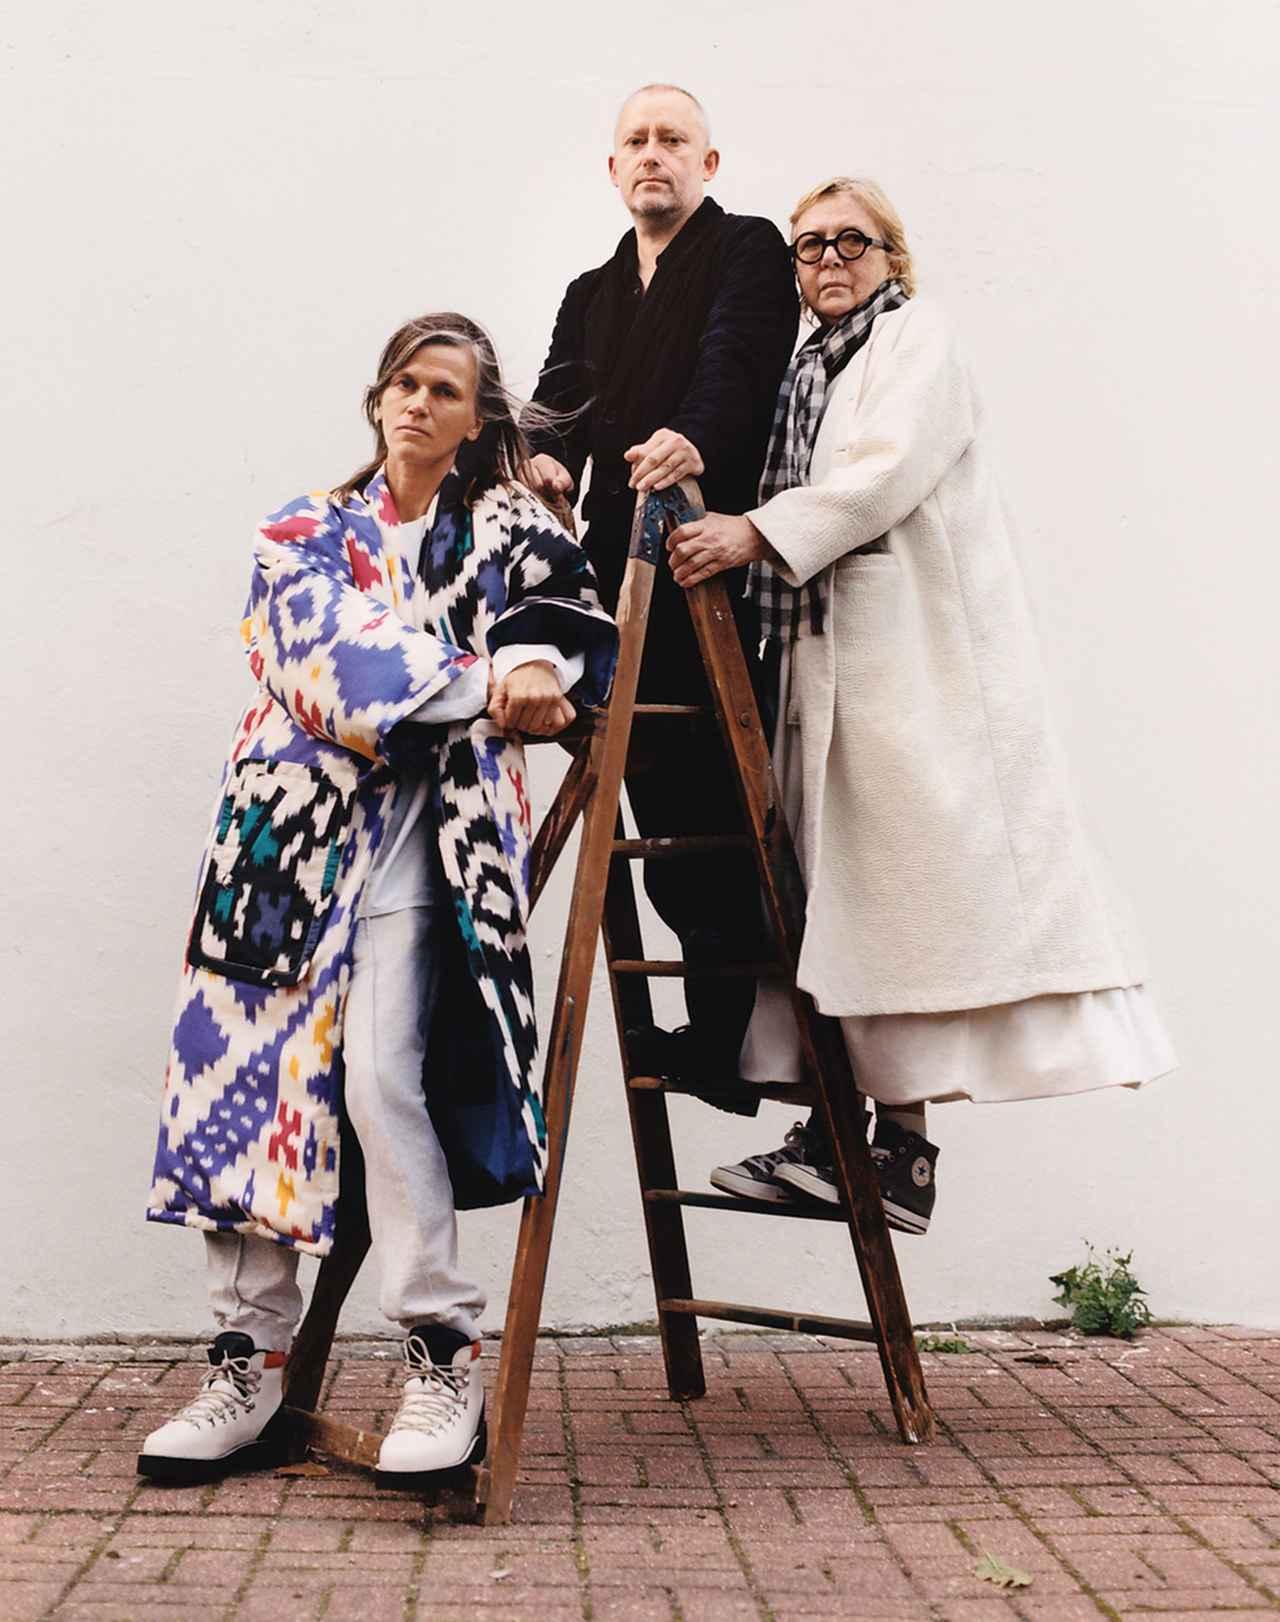 Images : 1番目の画像 - 「ランウェイではなく 「生活のための服」を作る 3人のデザイナー」のアルバム - T JAPAN:The New York Times Style Magazine 公式サイト